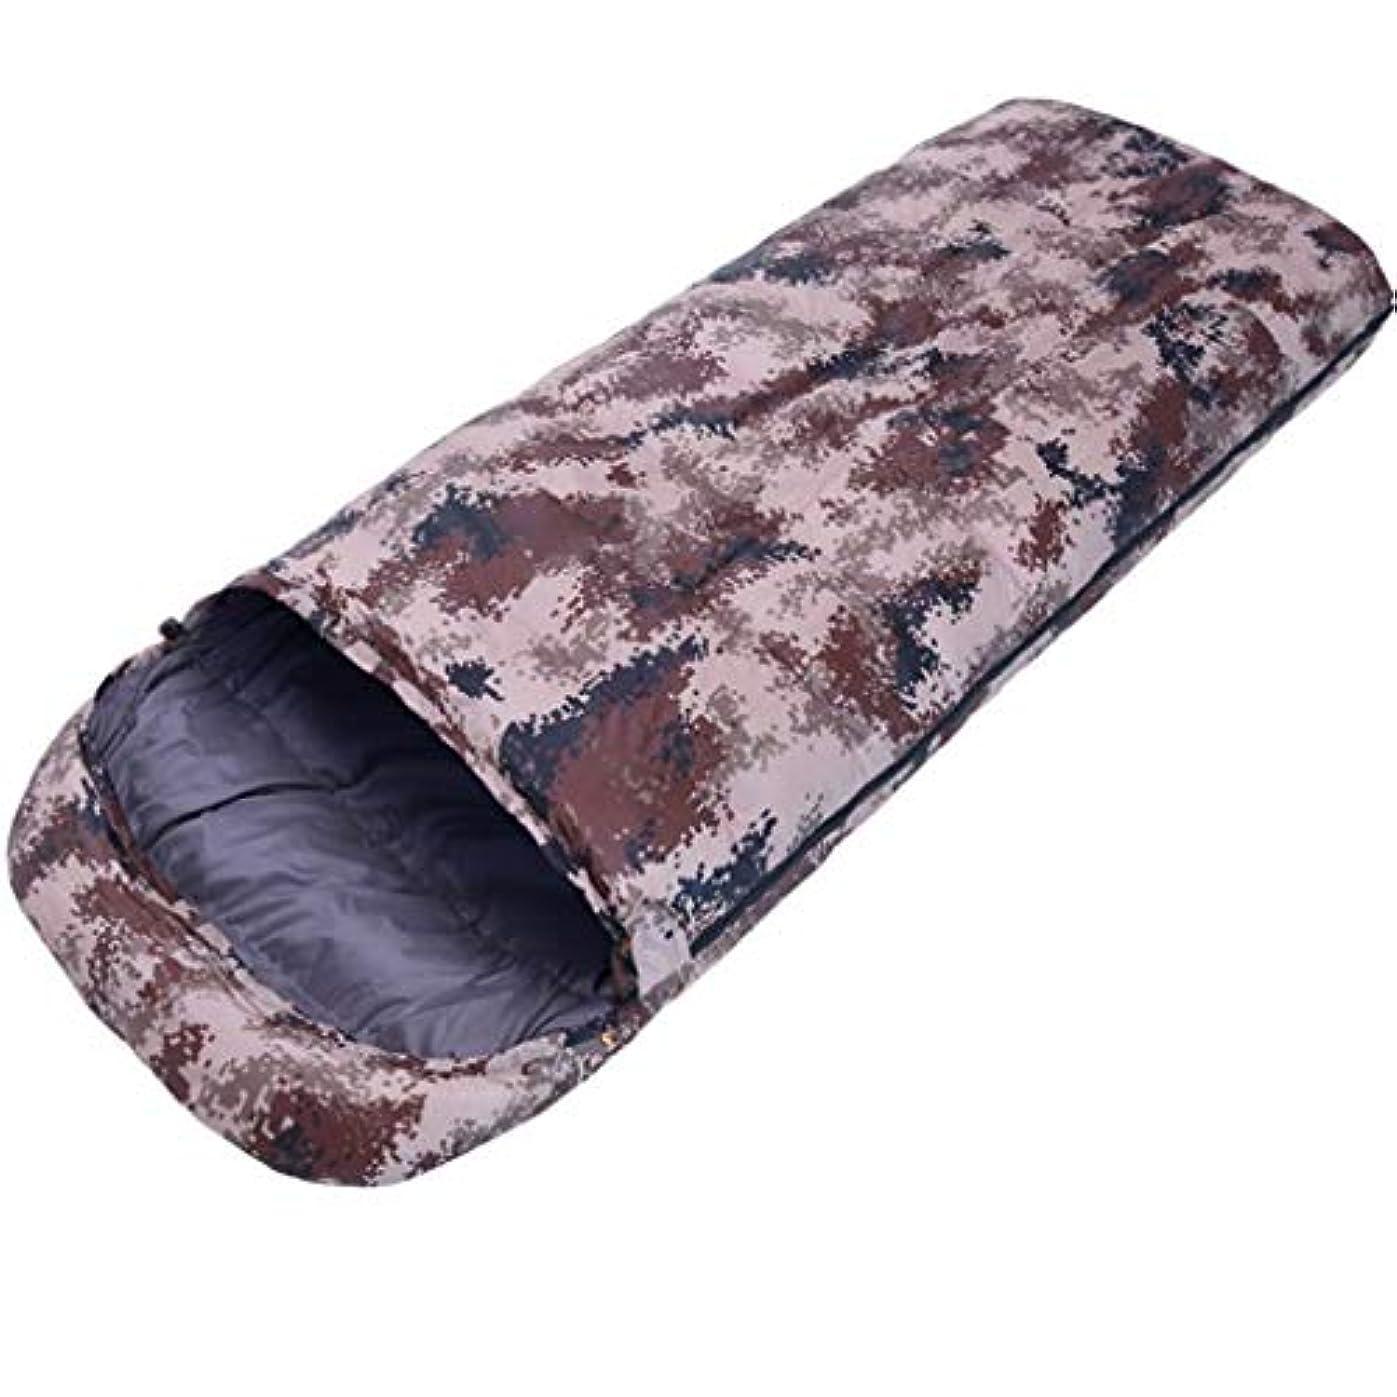 誰でも下手プレフィックスキャンプ迷彩寝袋軽量コンパクト暖かい快適さシングル3シーズン大人のハイキング登山野外活動に適して